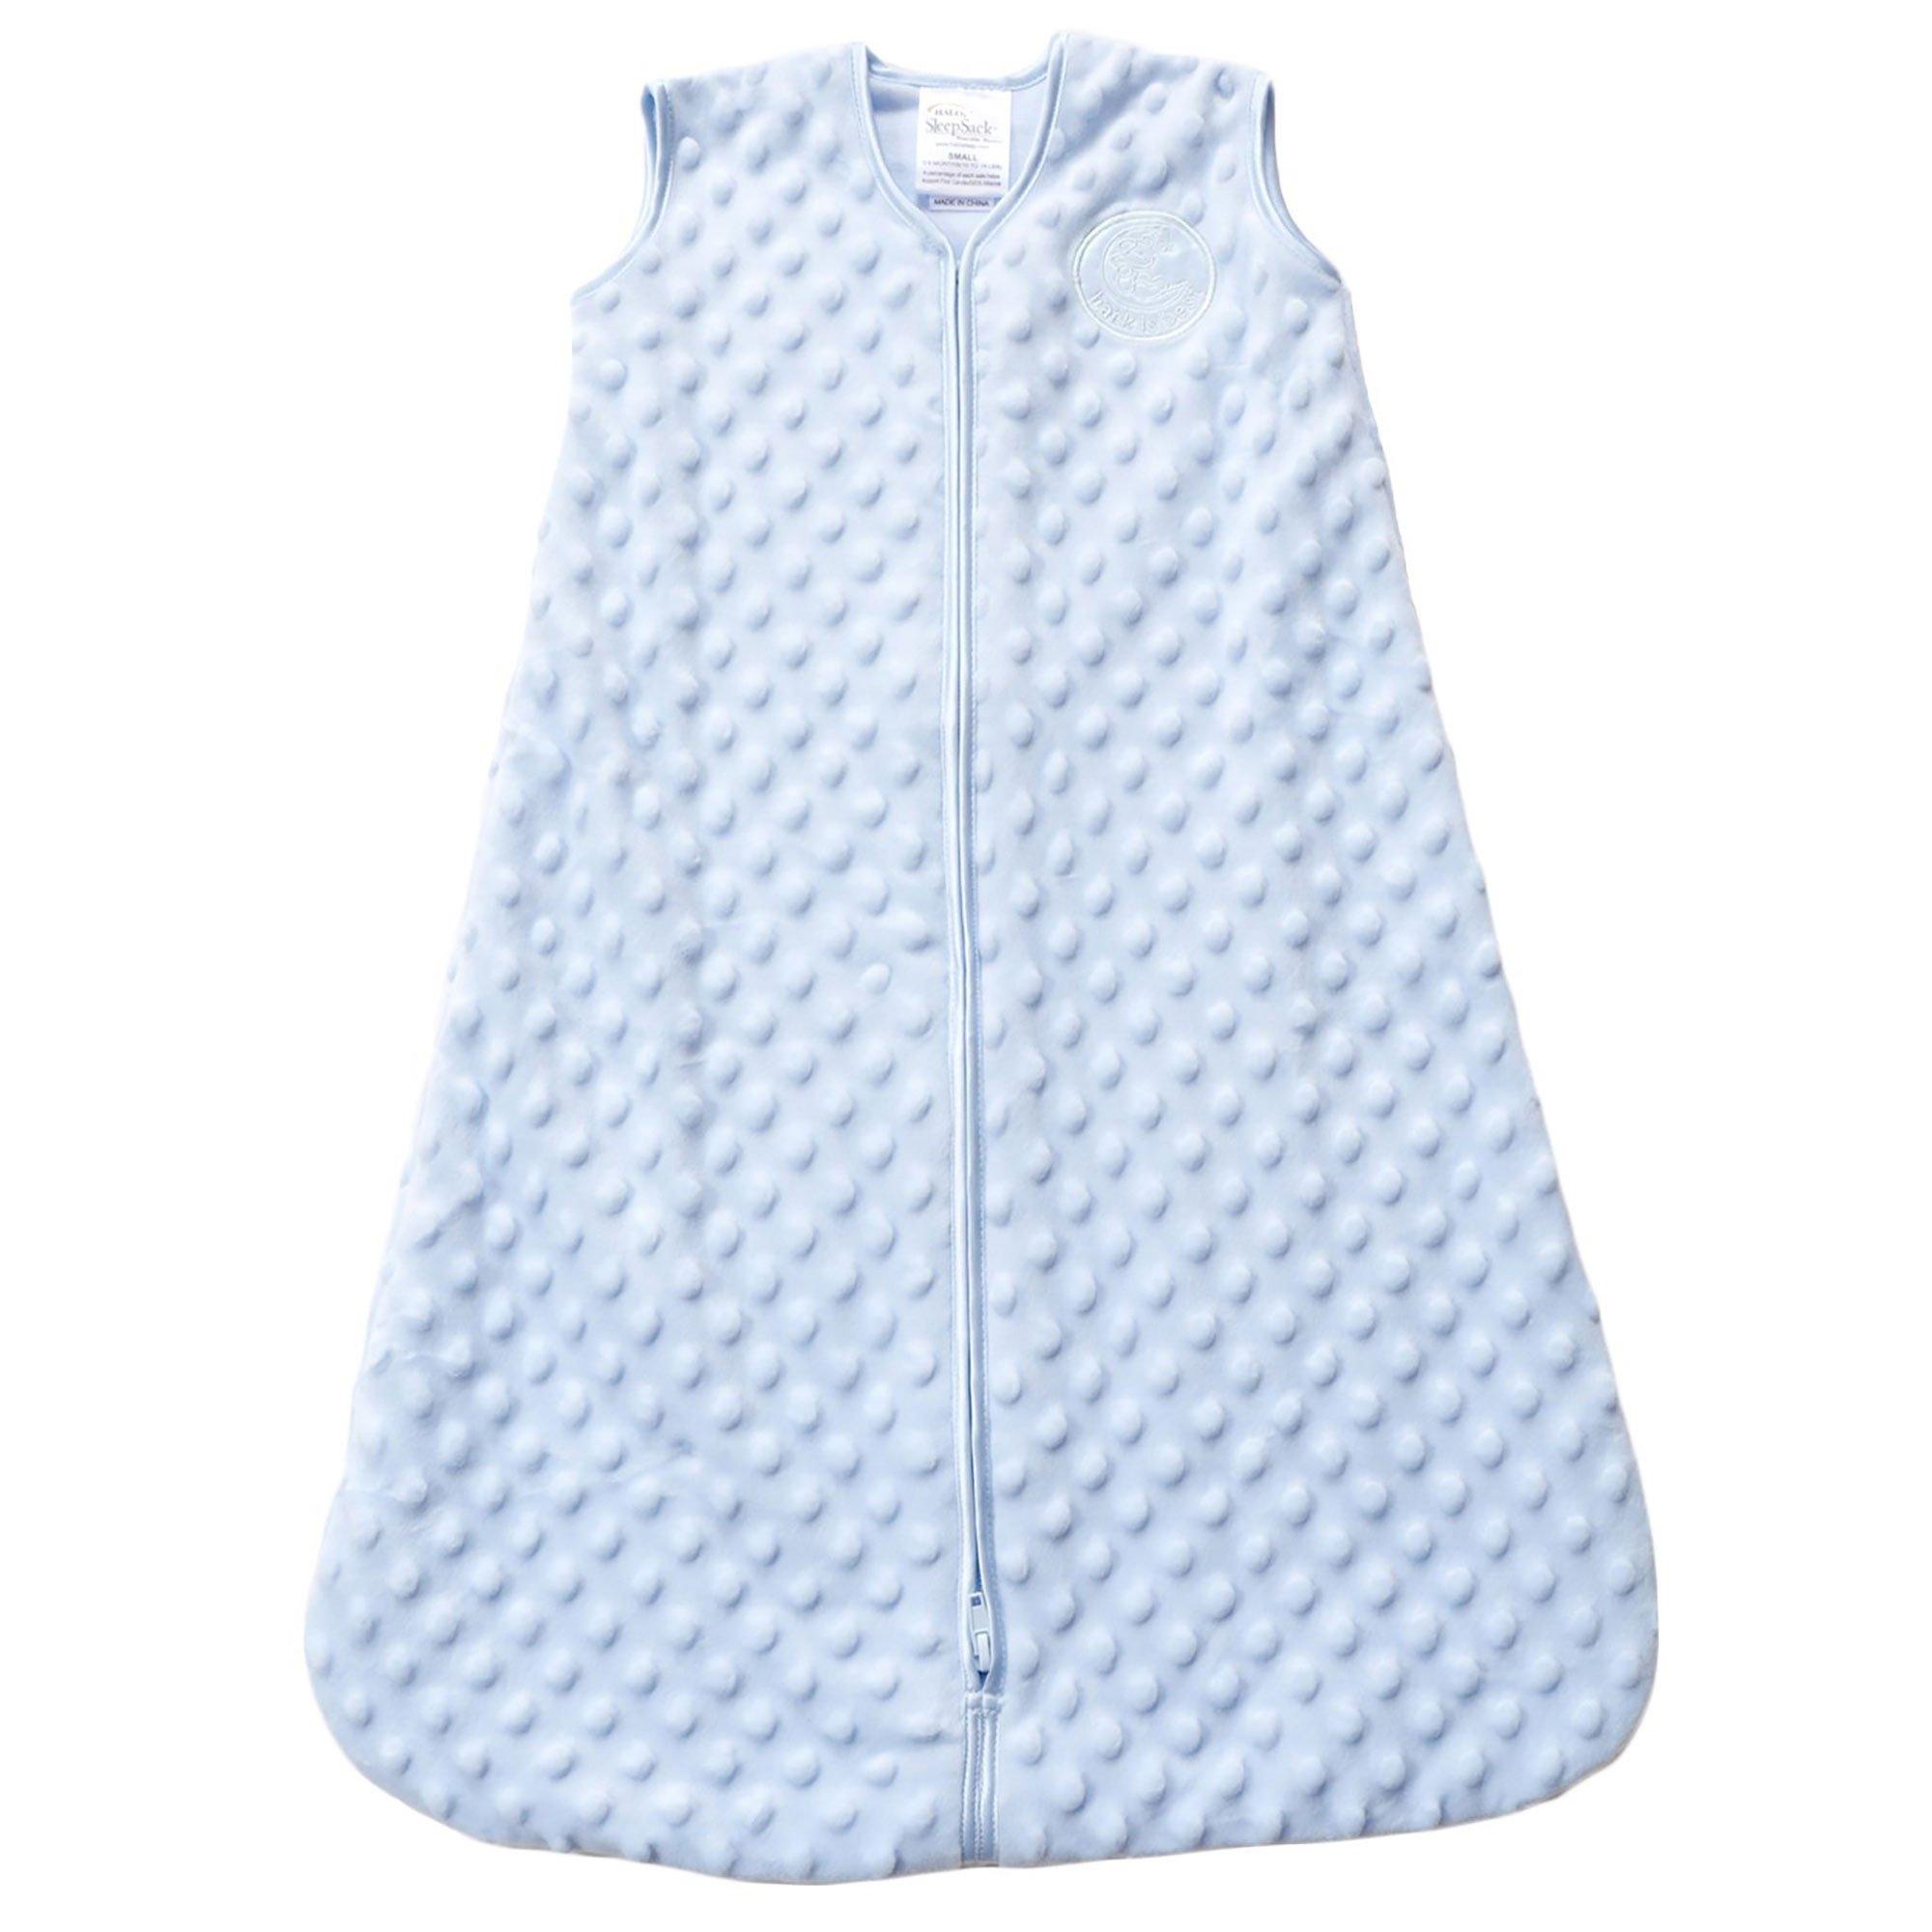 HALO Sleepsack Plush Dot Velboa Wearable Blanket, Blue, Medium by Halo